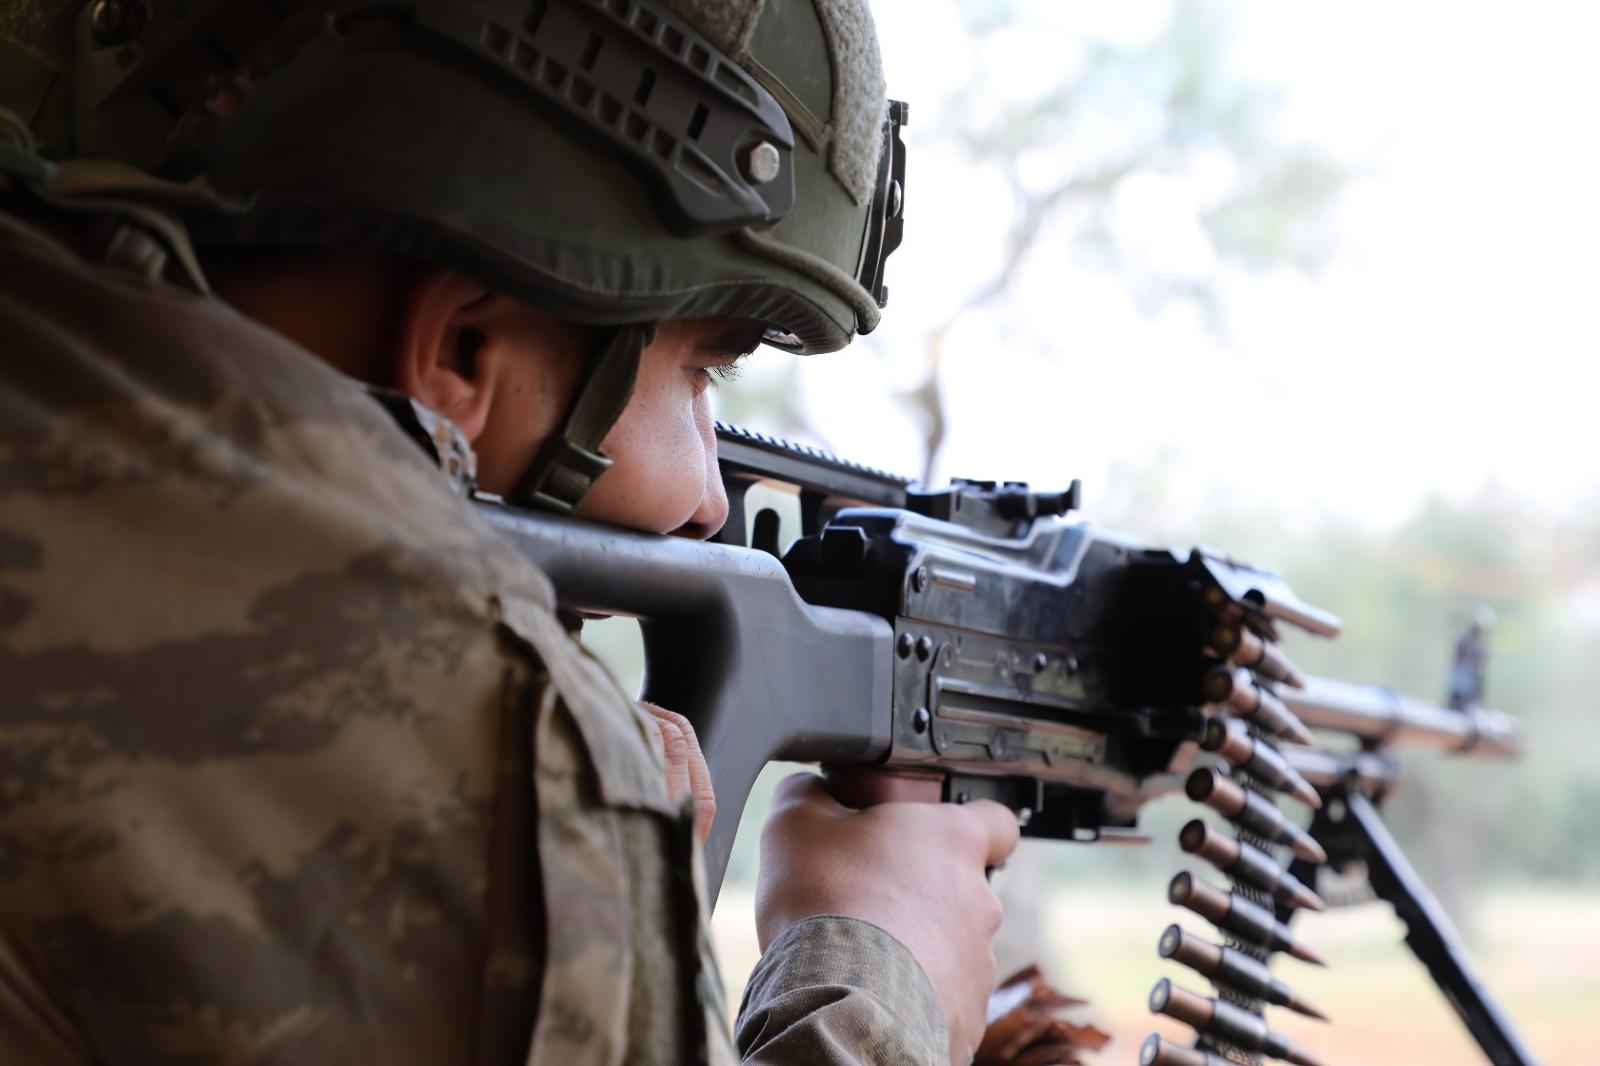 Mardin'de bir PKK'lı ikna çalışması sonucu güvenlik güçlerine teslim oldu